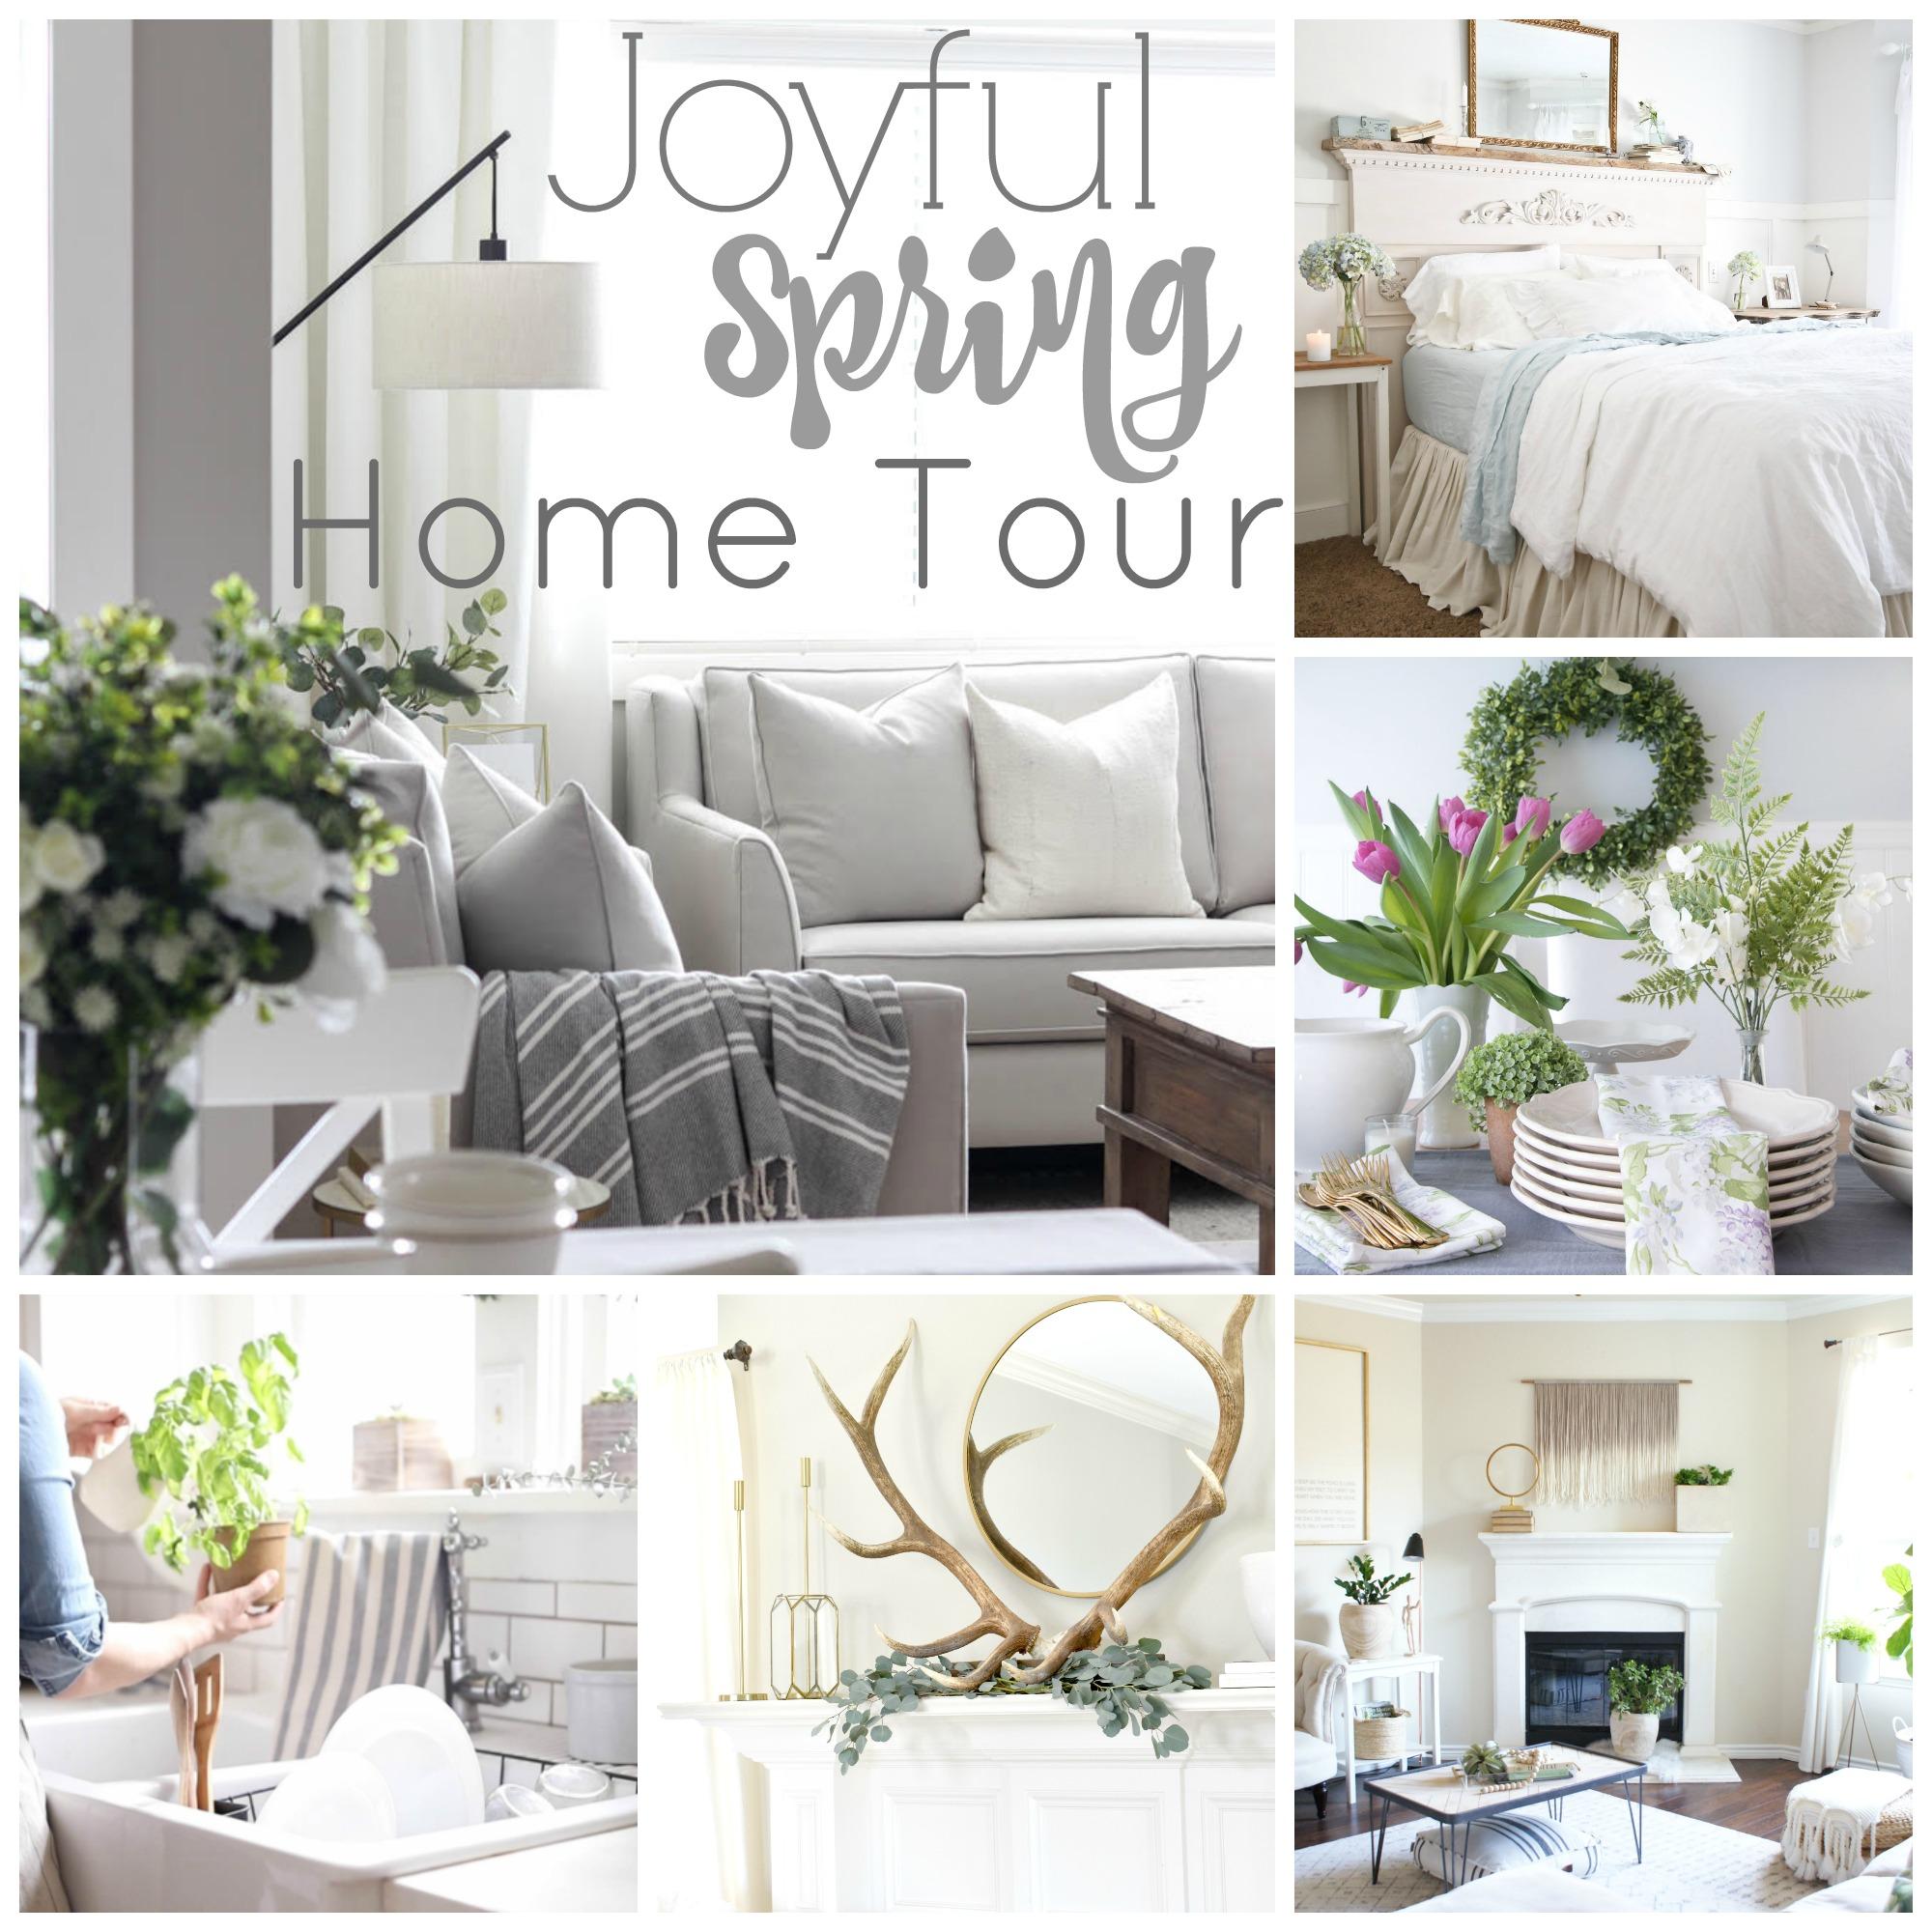 Joyful Spring Home Tour